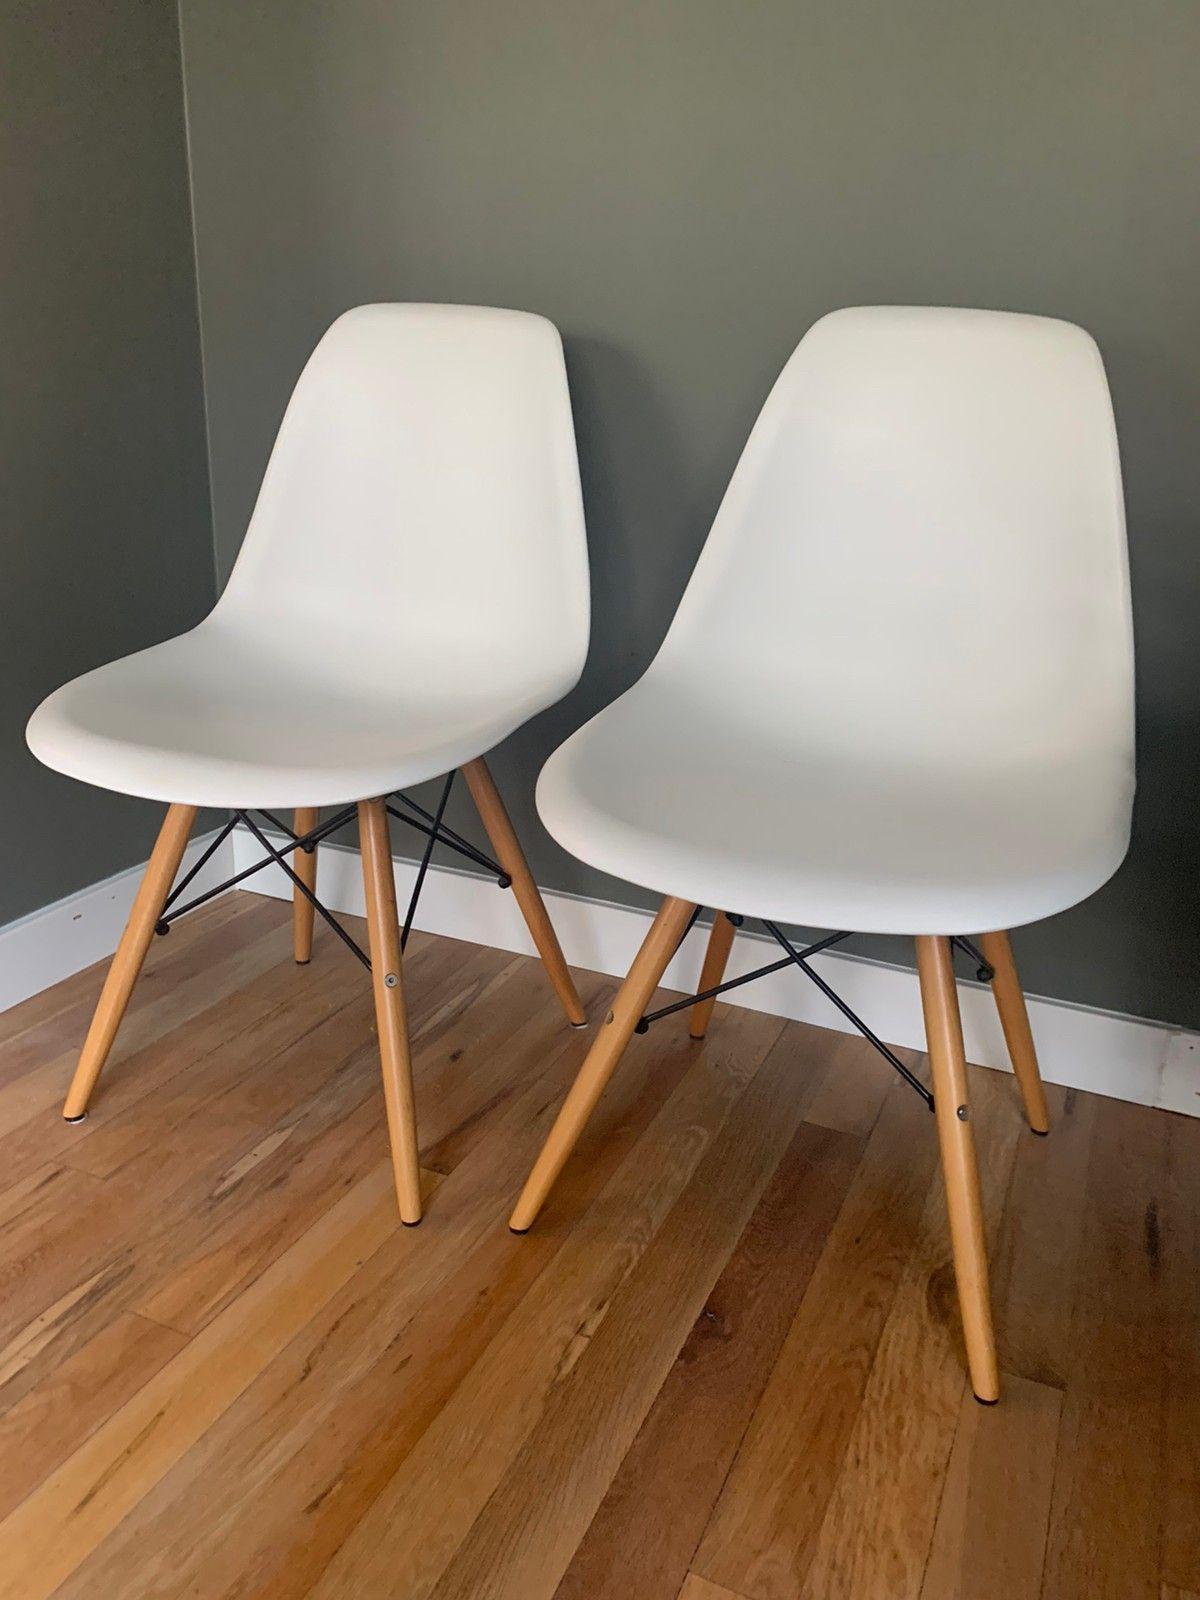 To stk kjøkkenstoler | FINN.no